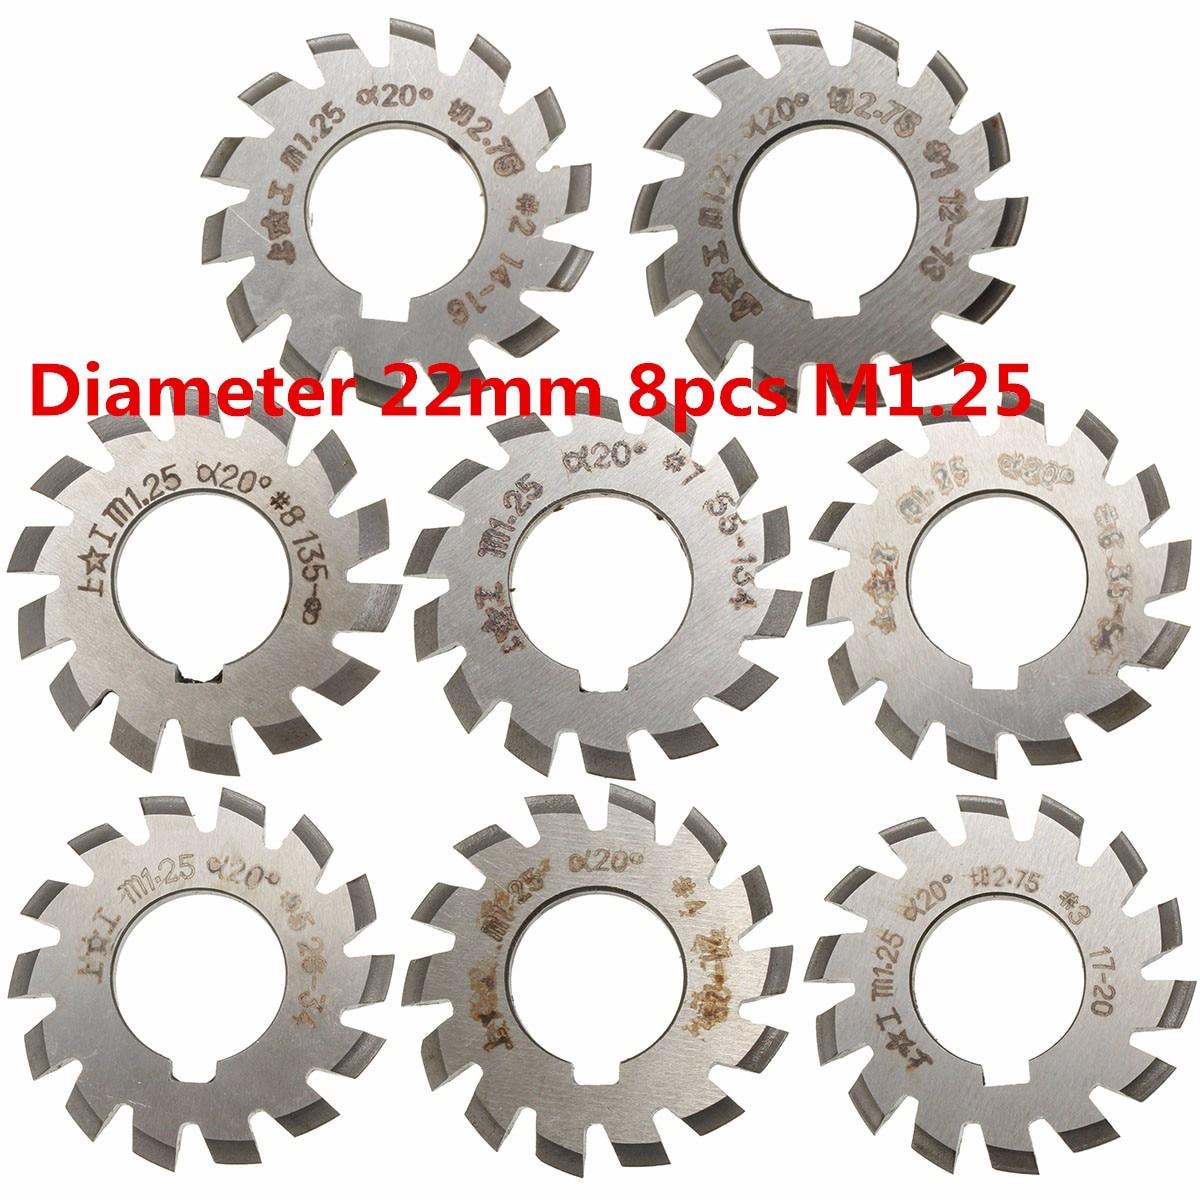 Module 1 PA20 Bore 22mm #1-8 HSS Involute Gear Milling Cutter